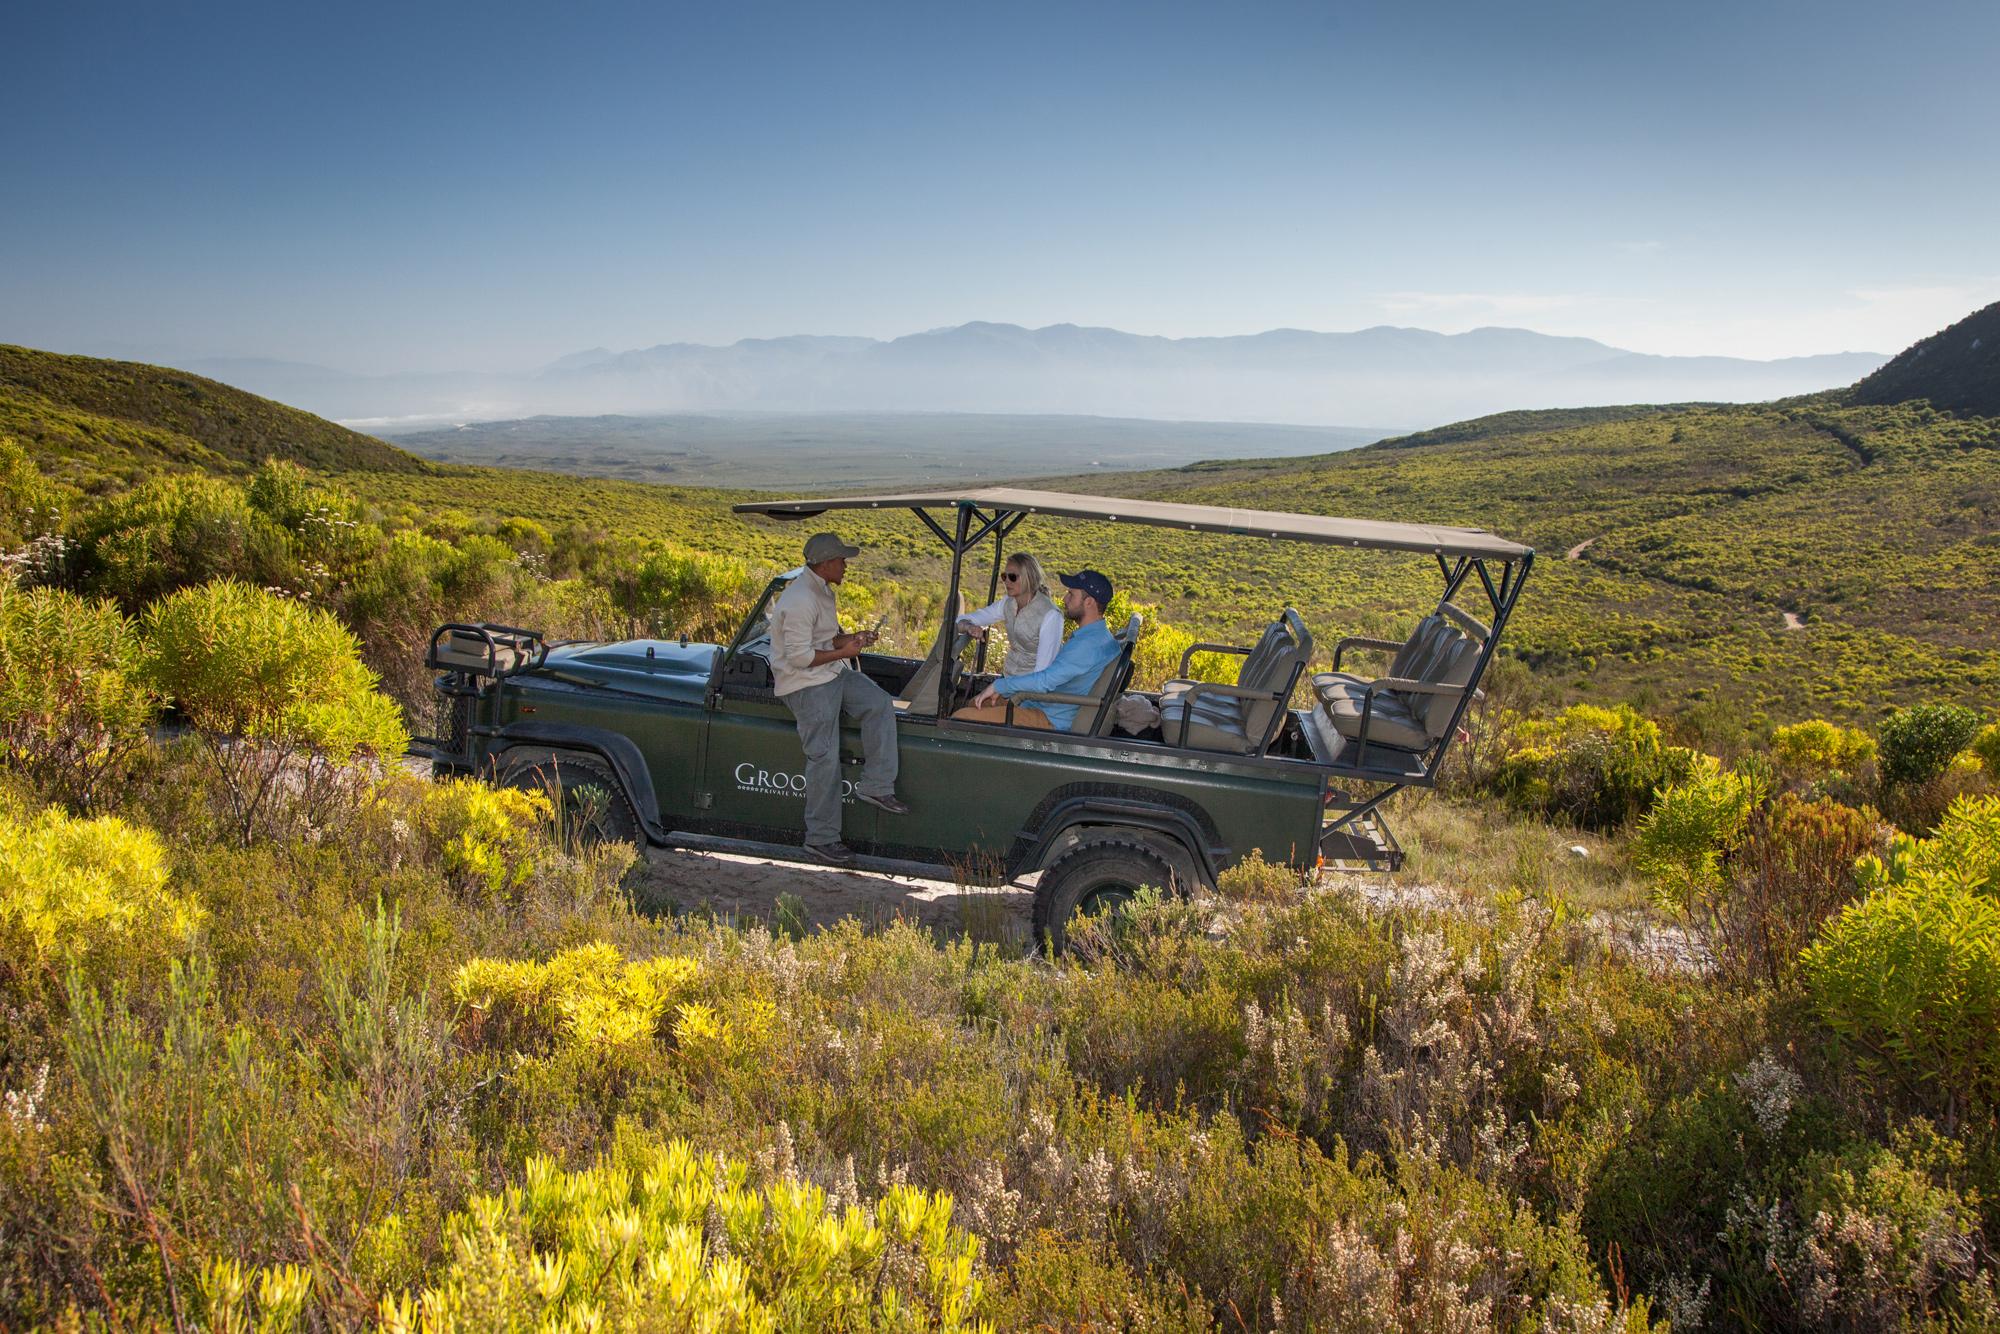 Resultado de imagem para Grootbos Private Nature Reserve